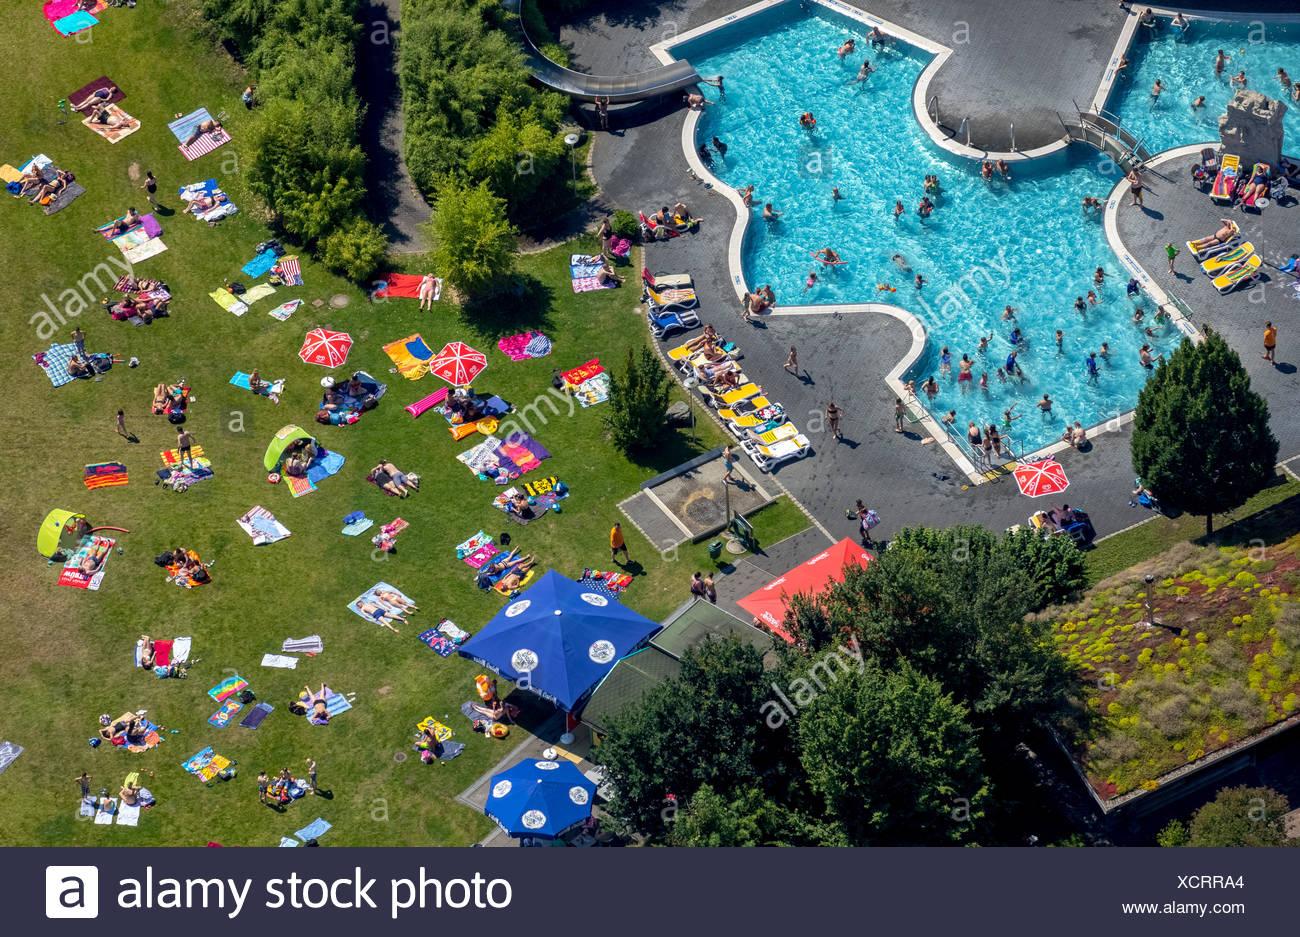 Luftaufnahme, Badegäste in Atlantis Freibad, Sonnen-Liegewiese, Dorsten, Ruhr District, North Rhine-Westphalia, Deutschland Stockbild